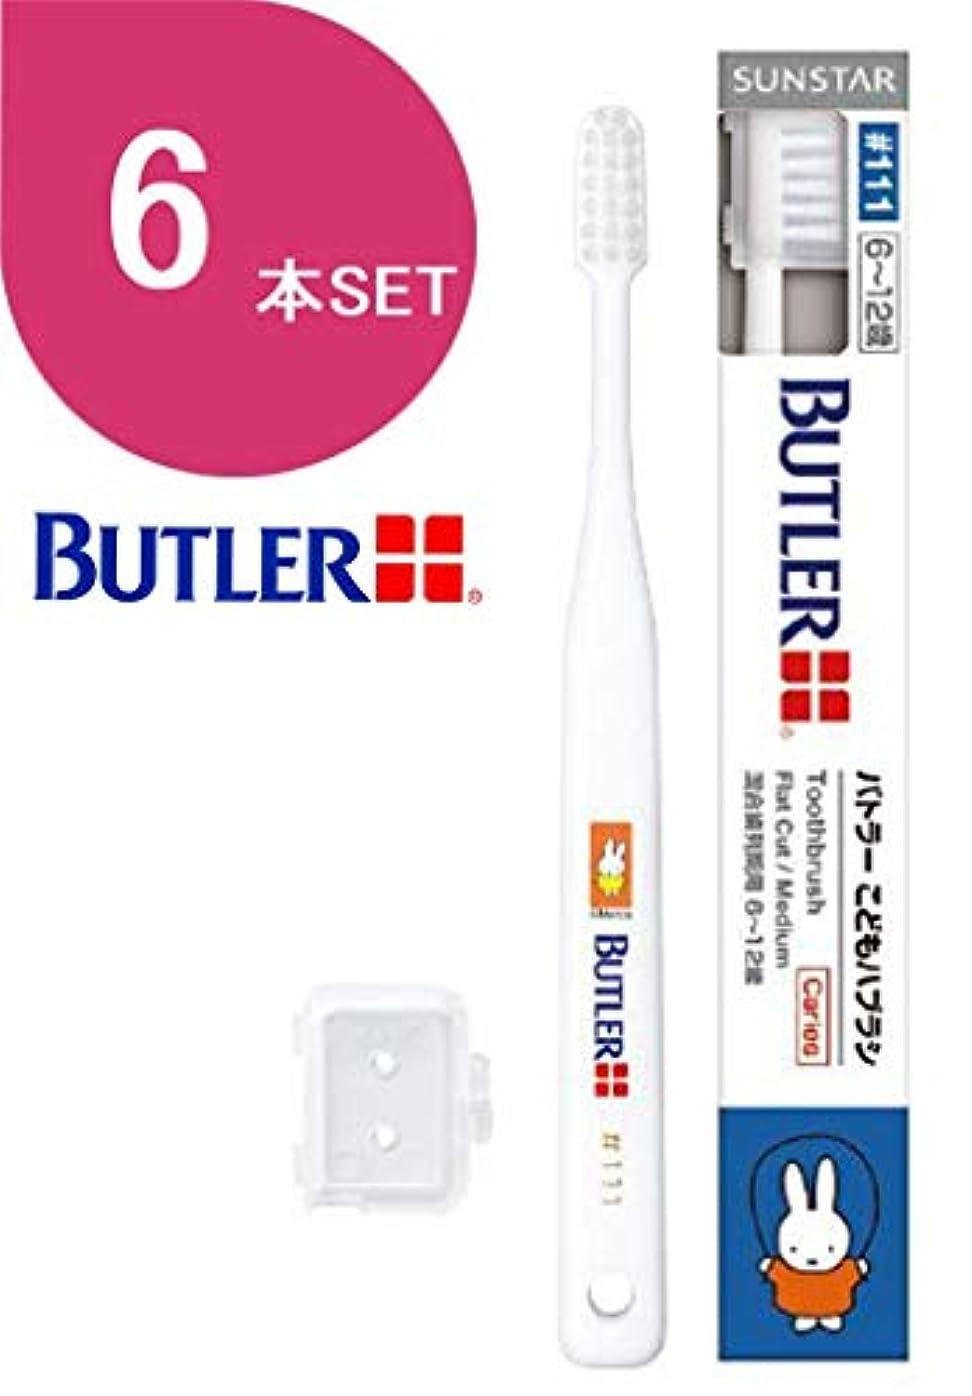 マイコンワーディアンケース切り下げサンスター バトラー(BUTLER) 歯ブラシ ミッフィーシリーズ 6本 #111 (6~12才混合歯列期用)